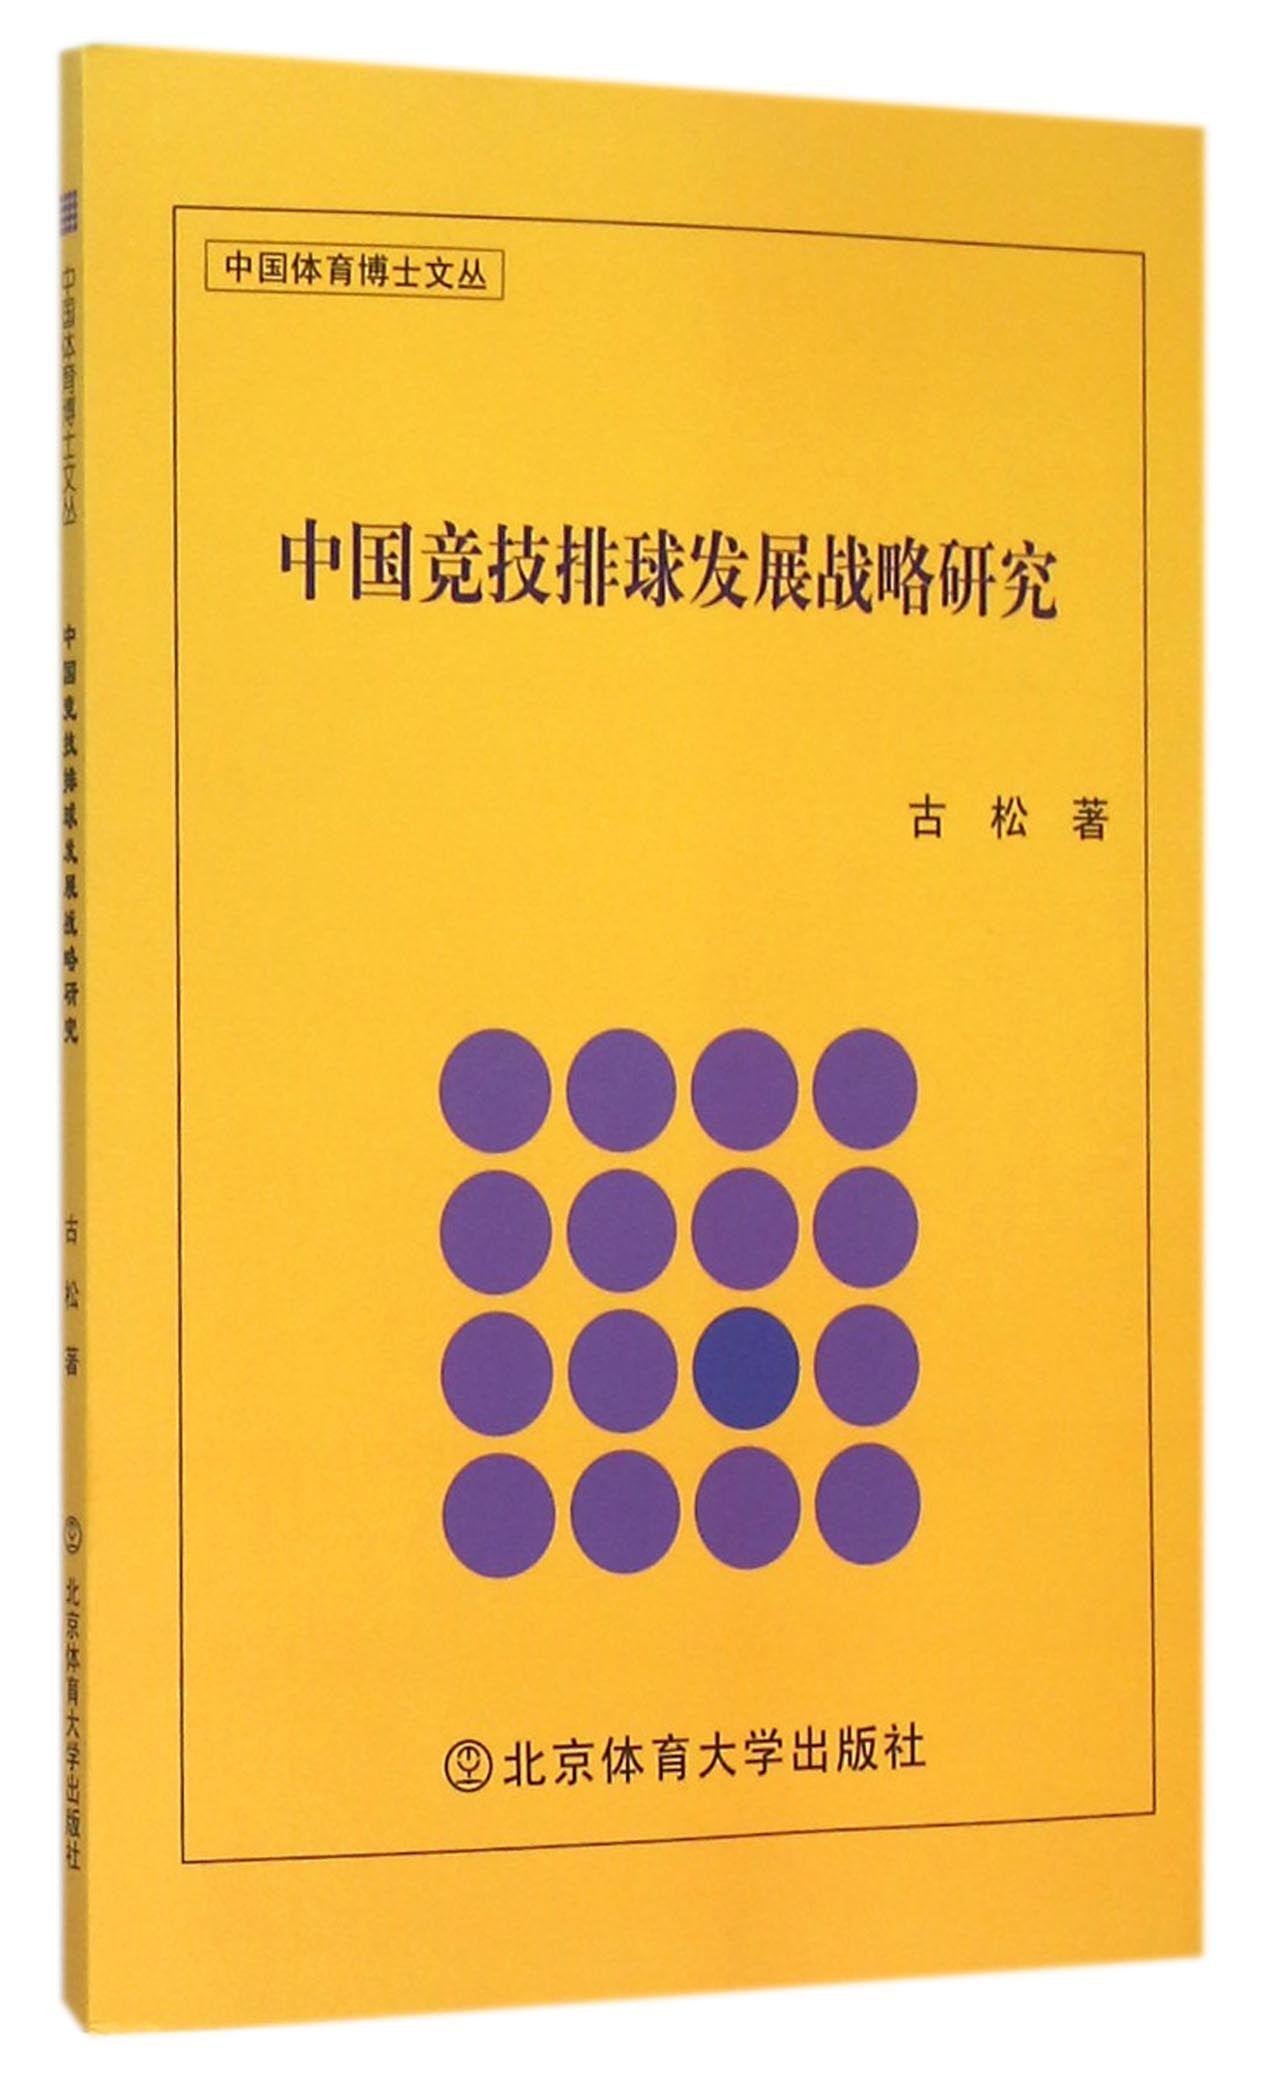 中國競技排球發展戰略